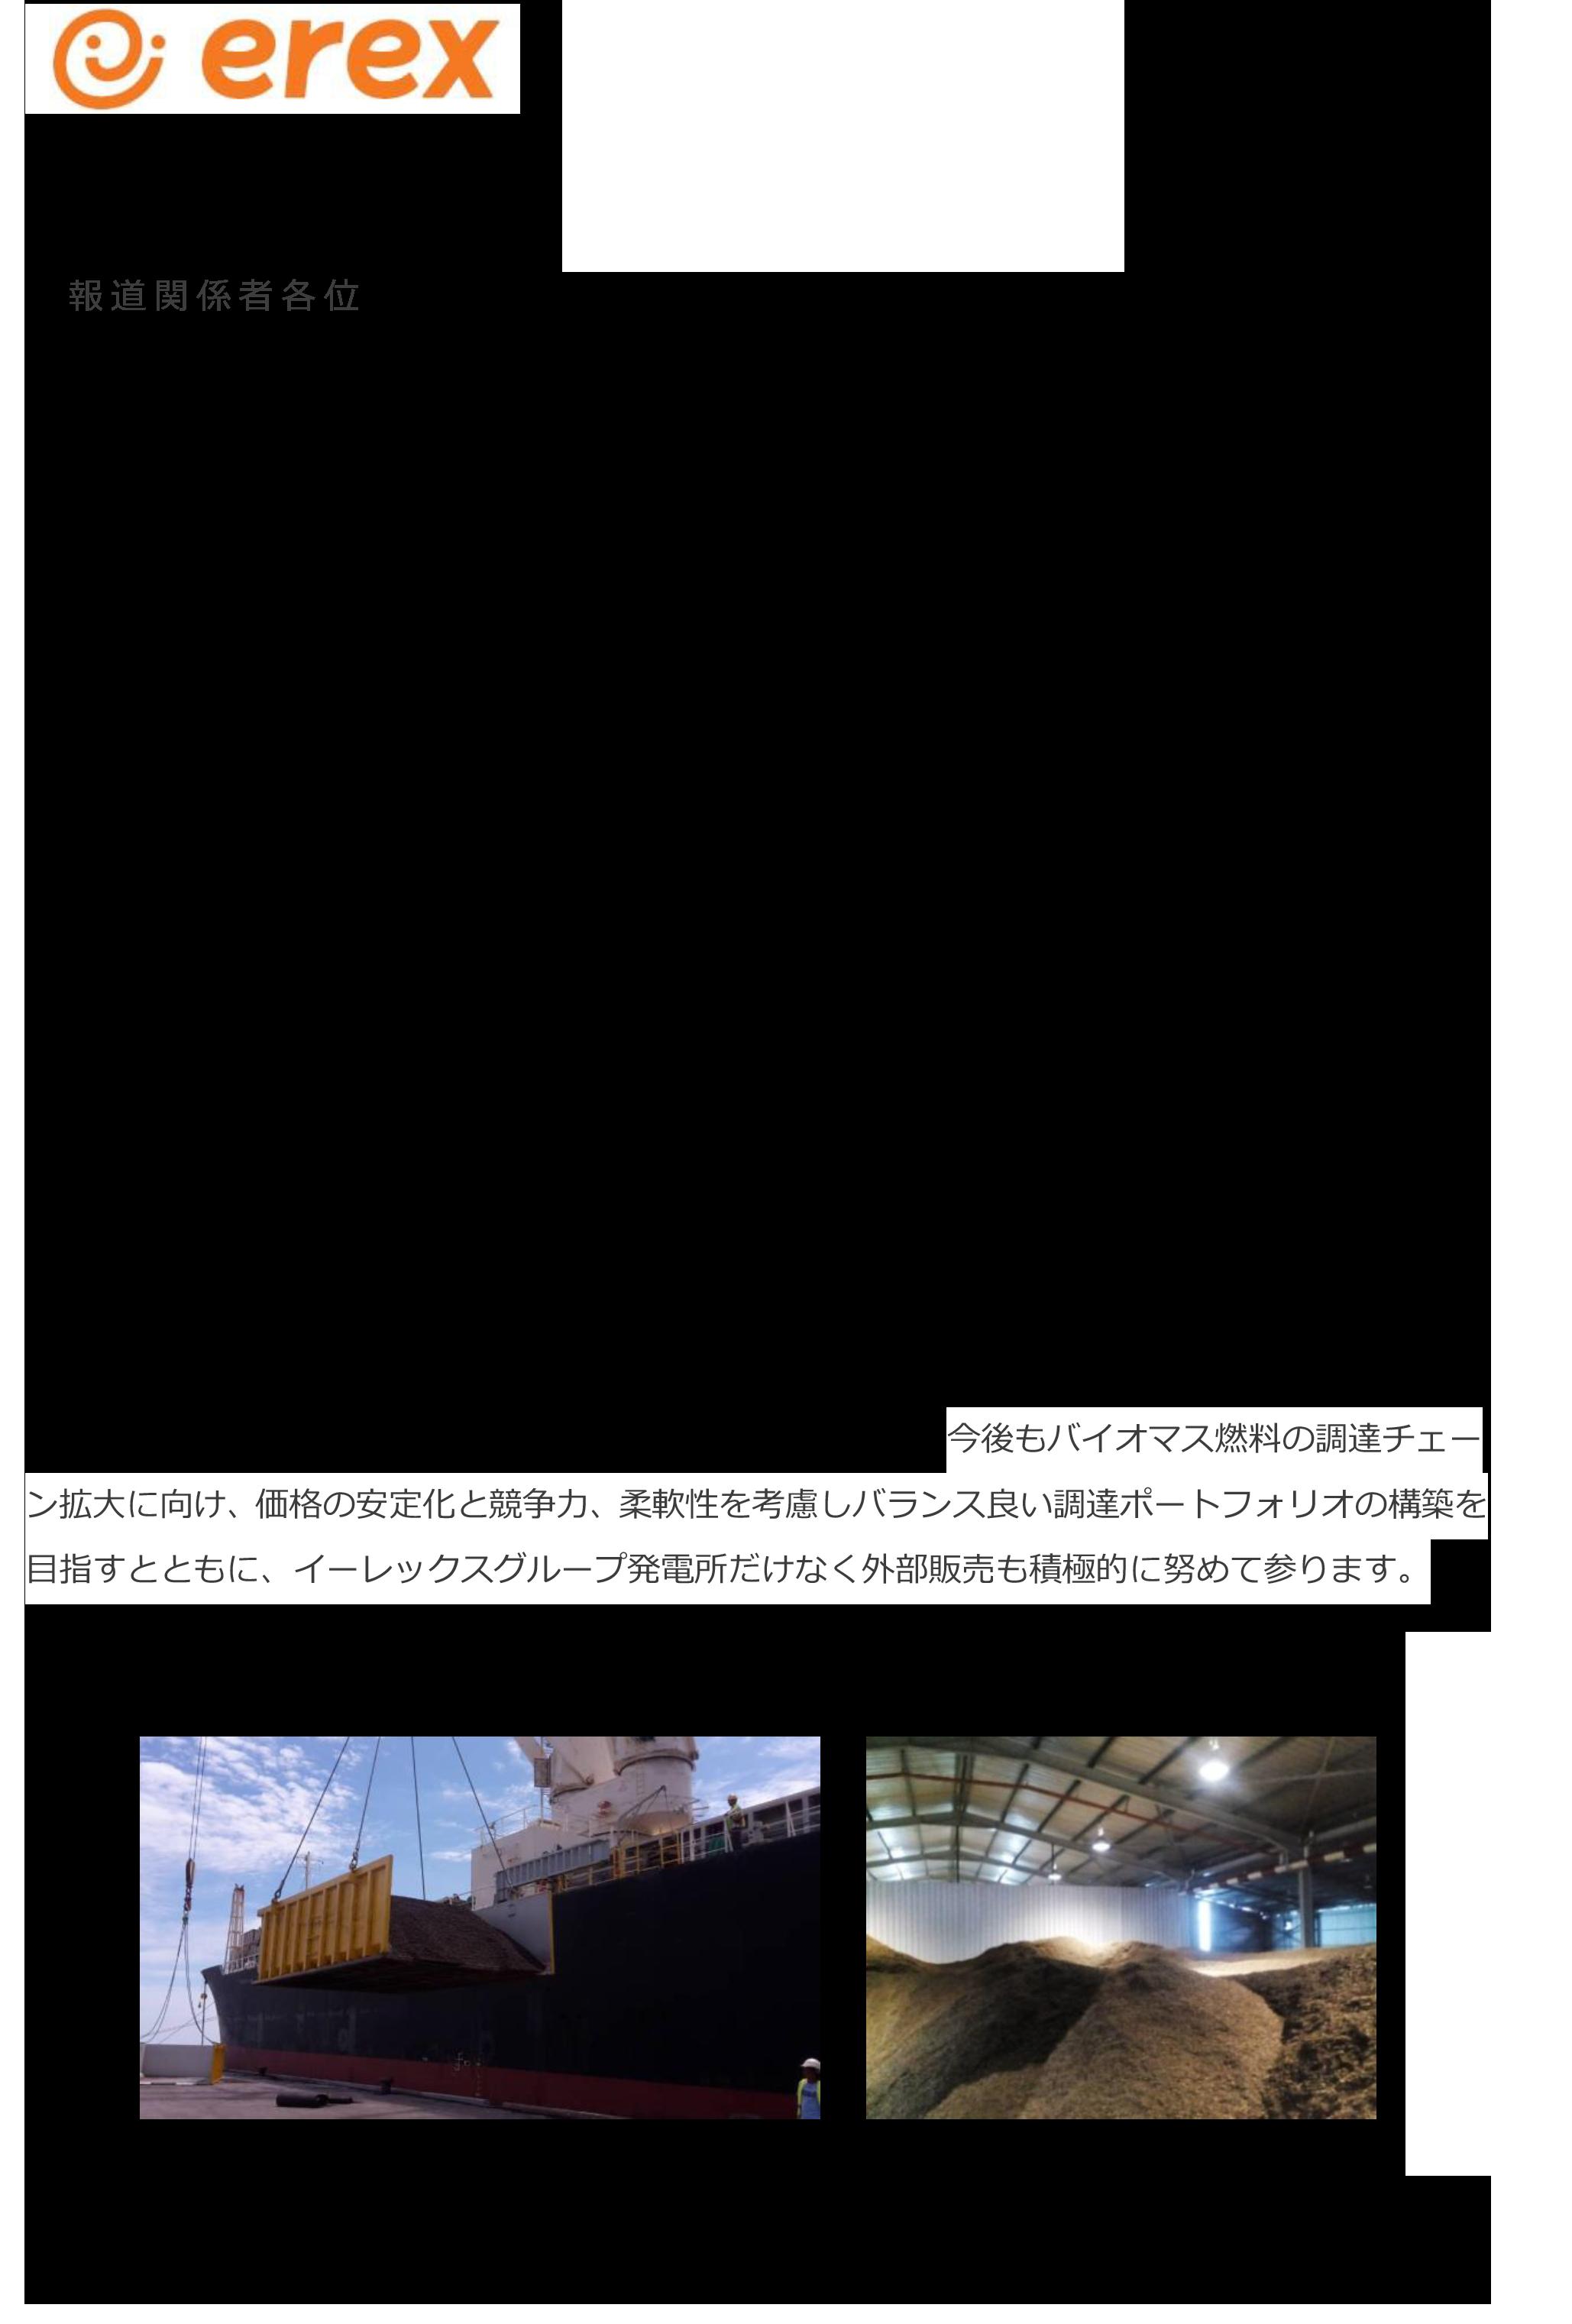 イーレックス・シンガポールからPKS初出荷